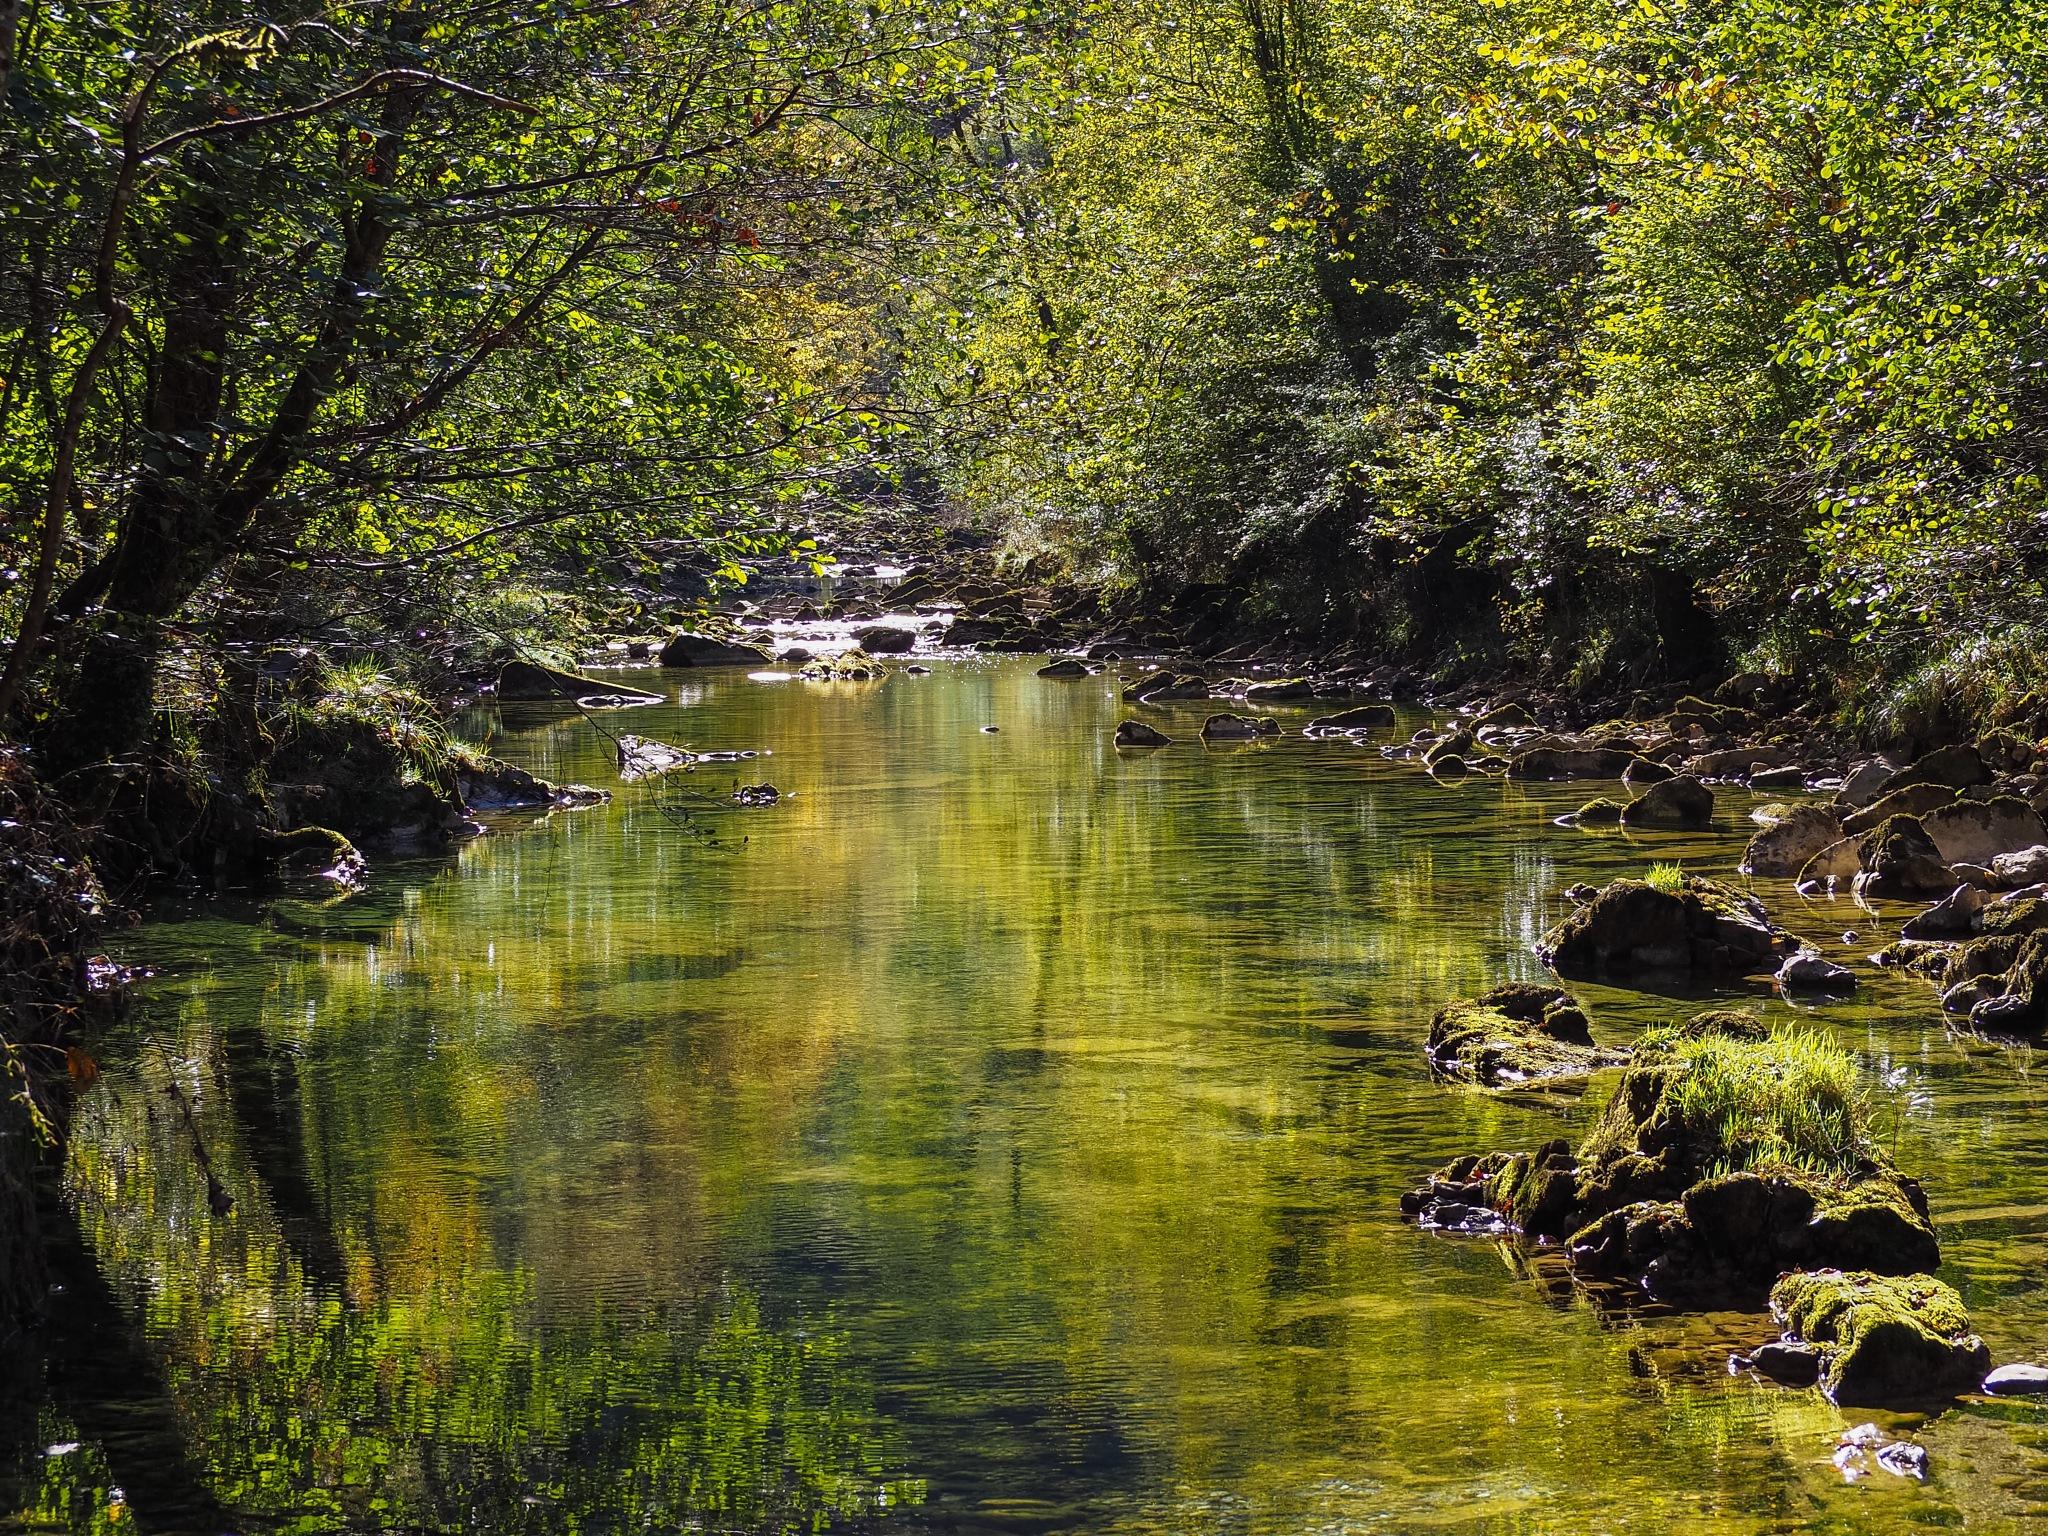 Dobra river  by javituero